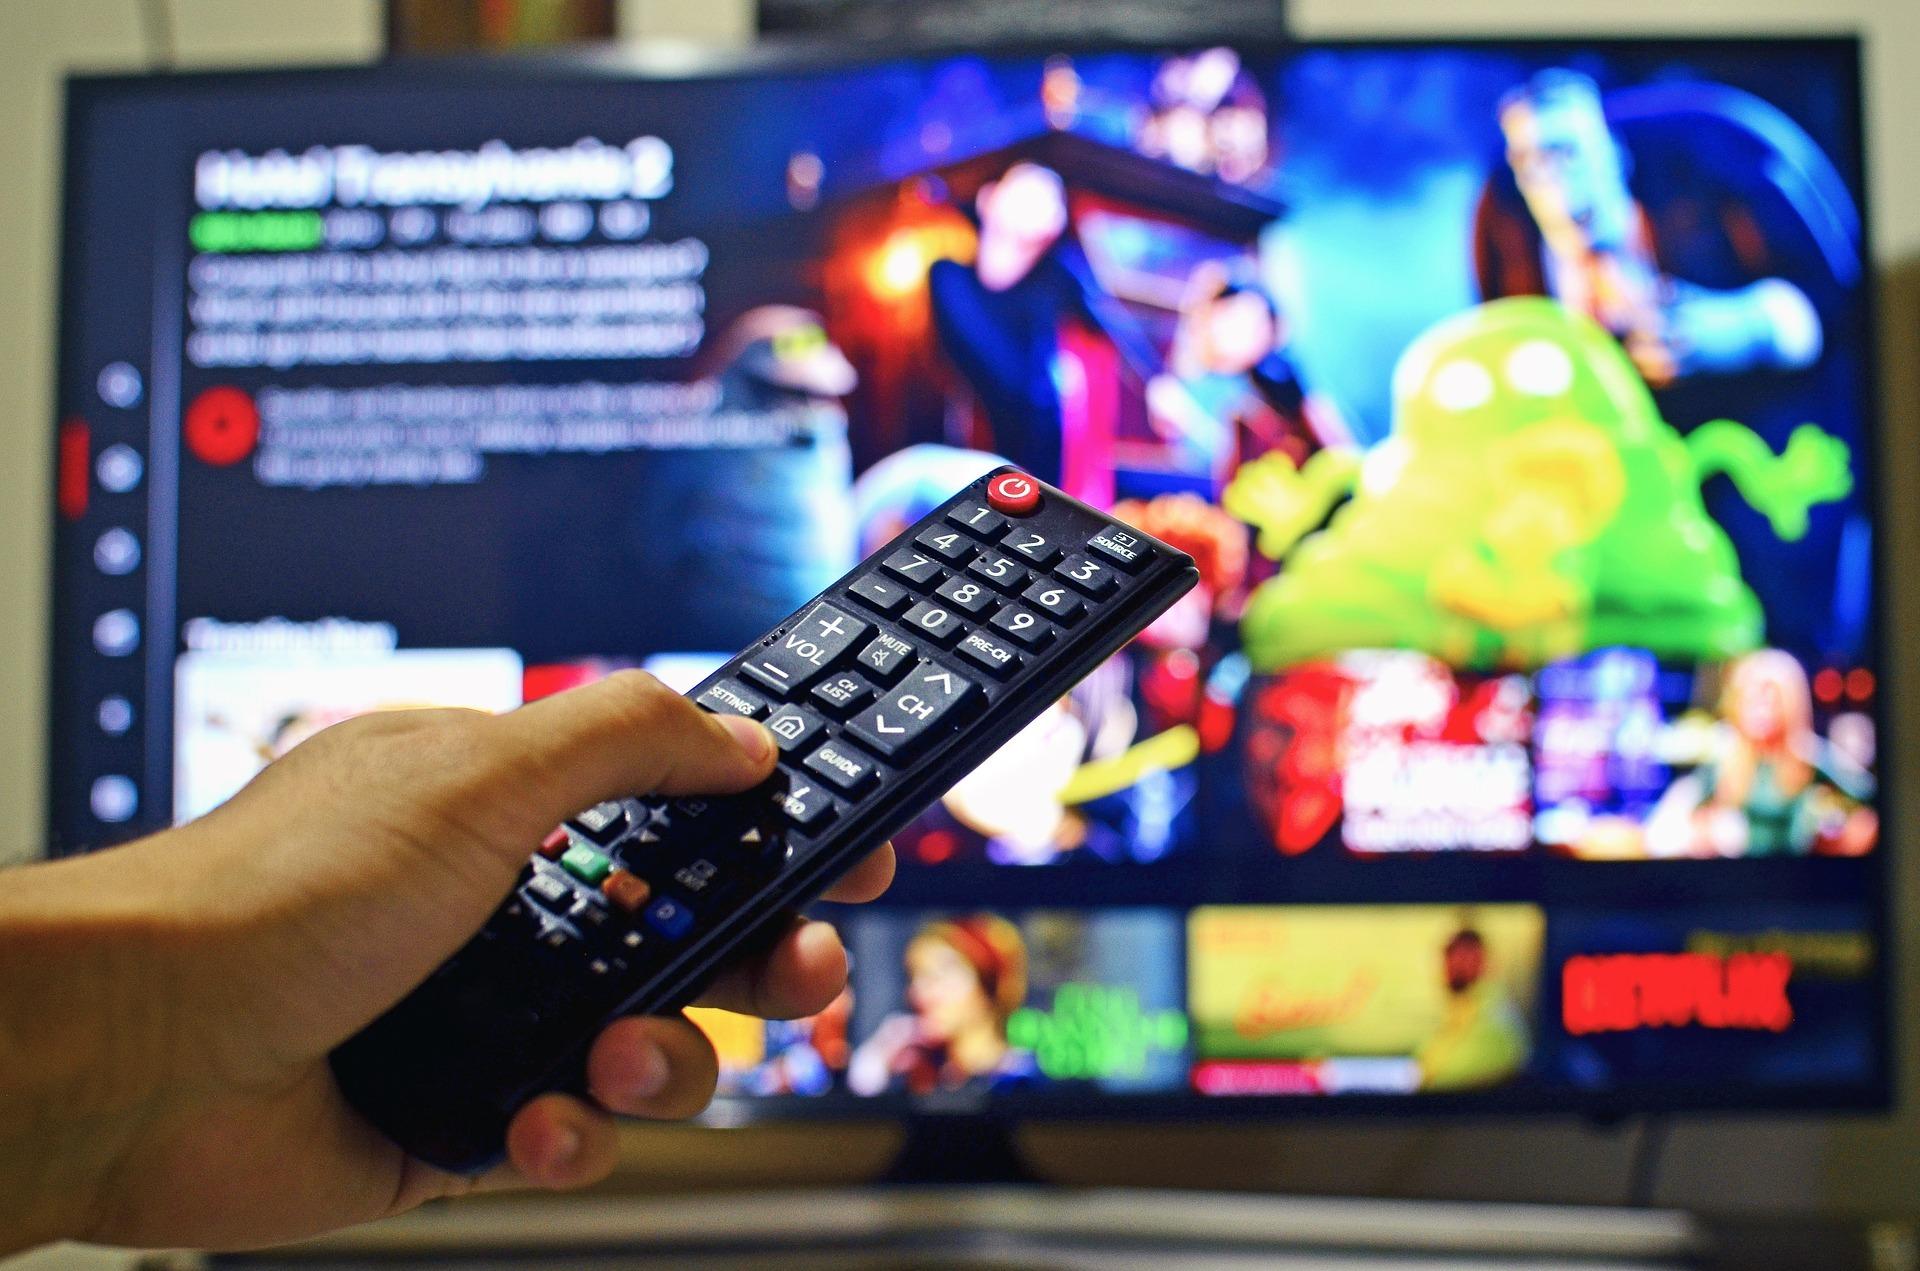 自製電影數超越好萊塢,Netflix靠大數據黏住觀眾!